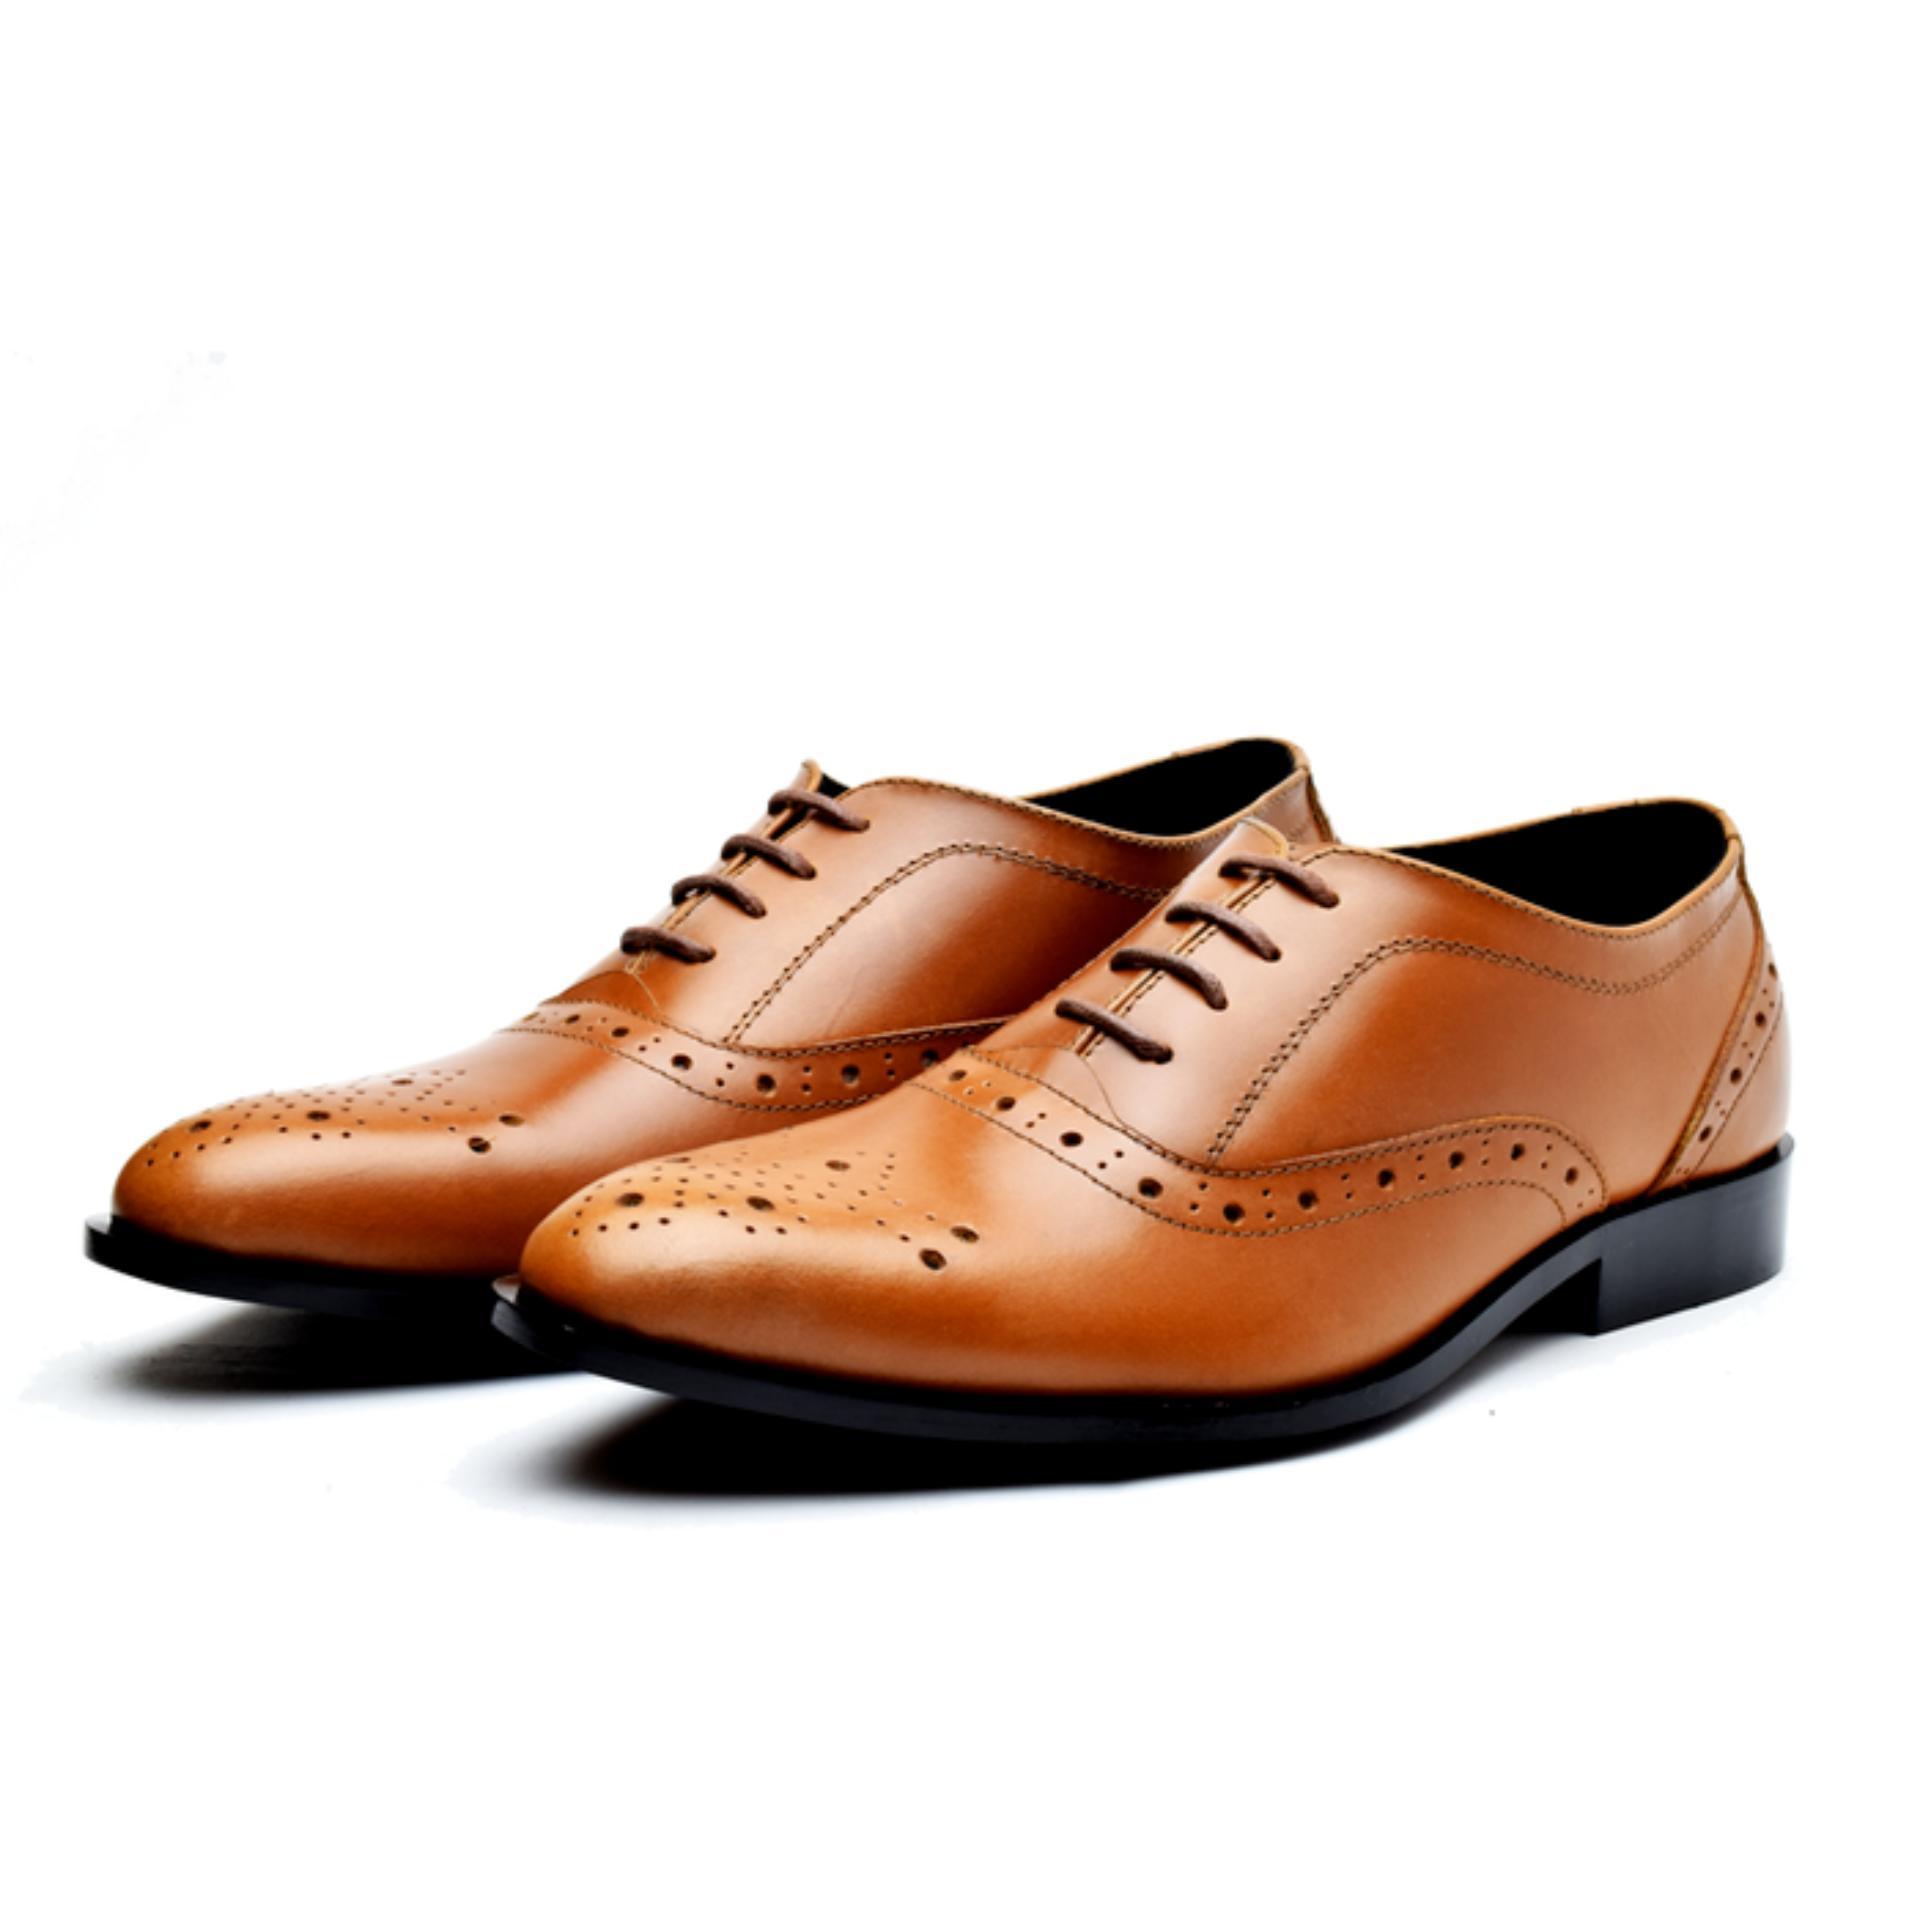 Harga Wetan Shoes Sepatu Pantofel Oxford Pria Bahan Kulit Coklat Tan Termahal